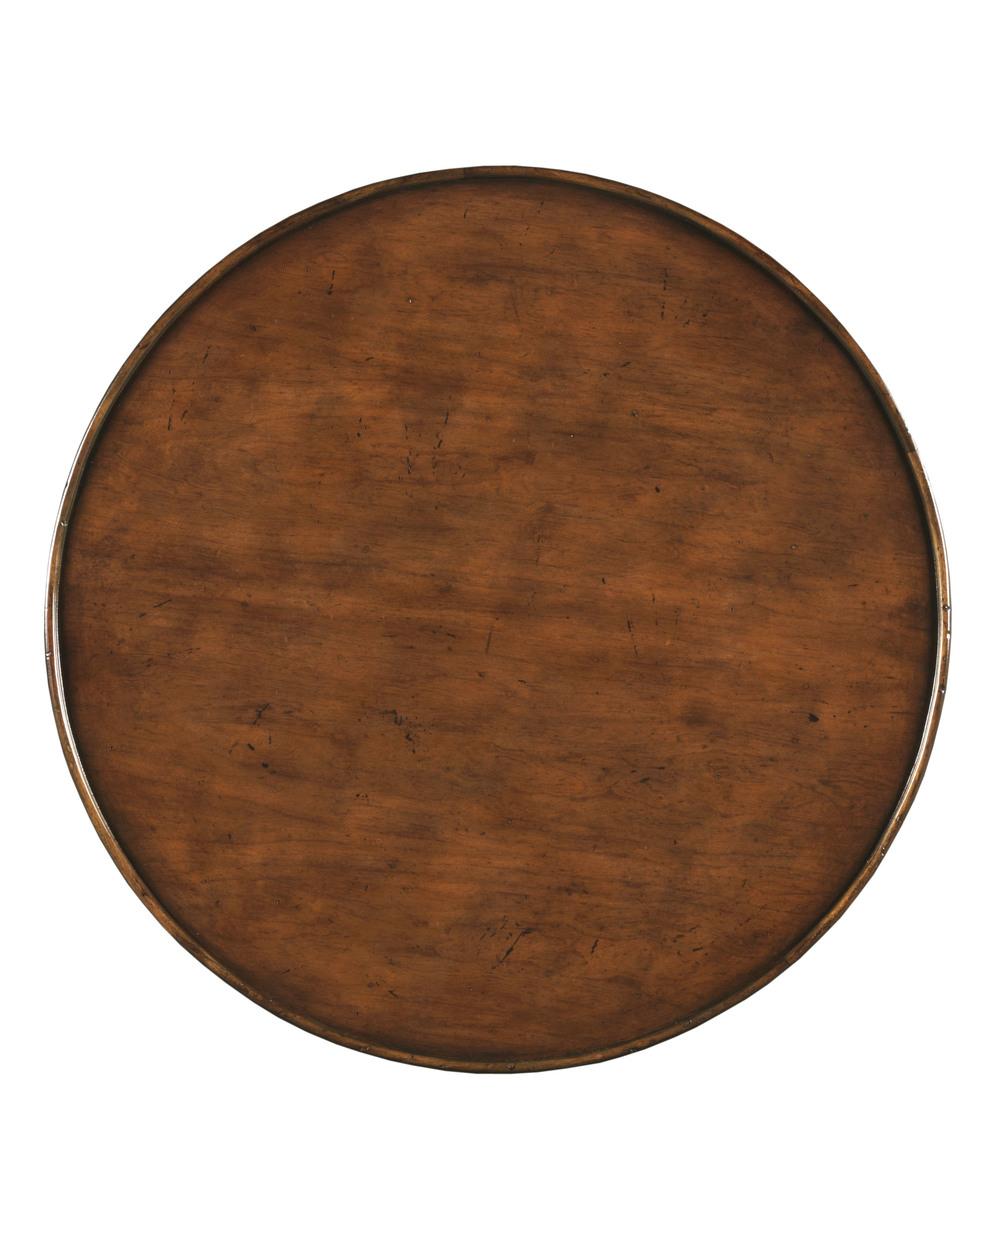 Woodbridge Furniture Company - Marseille Lamp Table